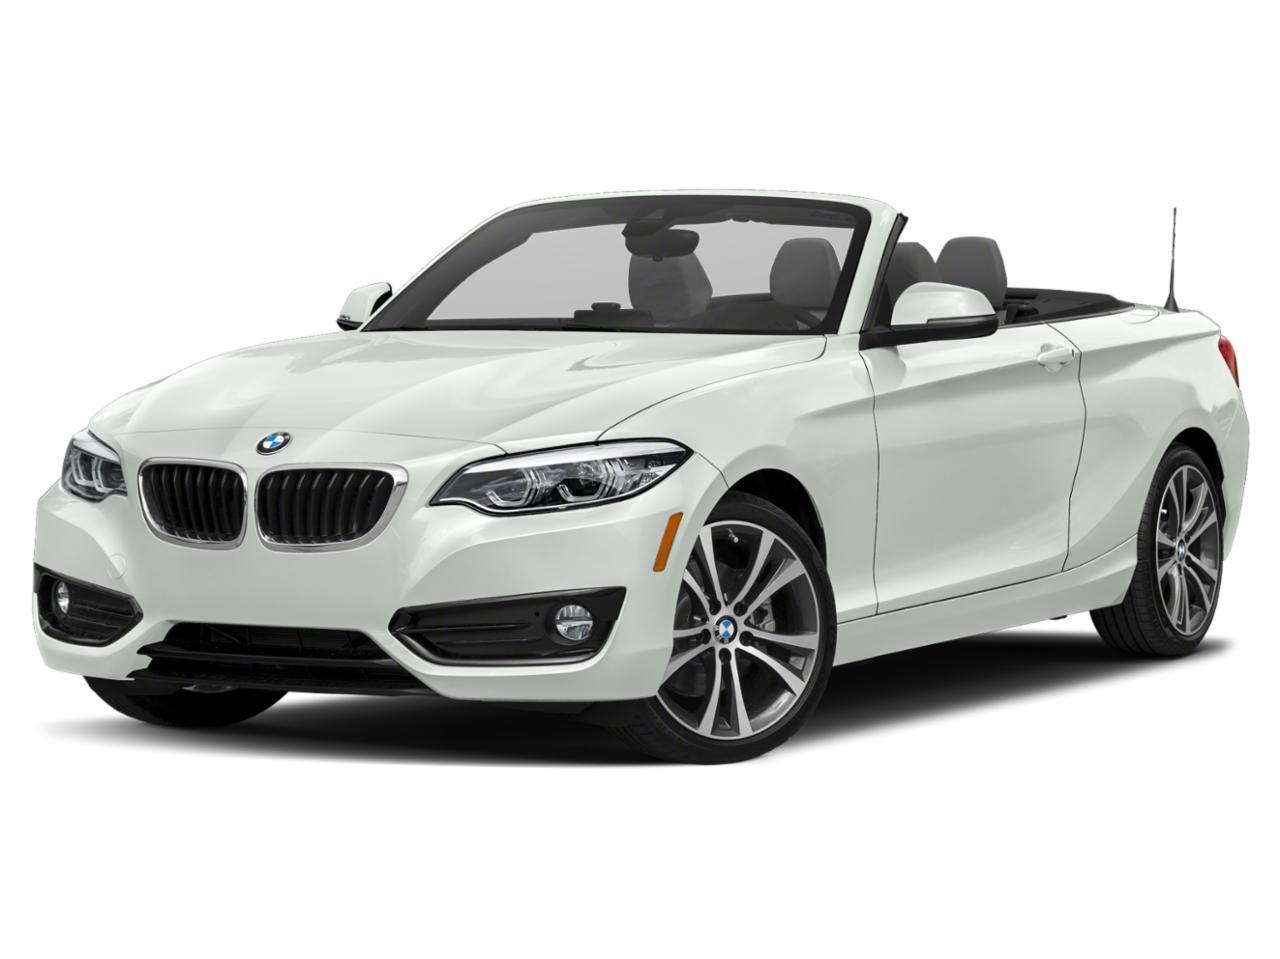 2018 BMW 230i Vehicle Photo in Murrieta, CA 92562